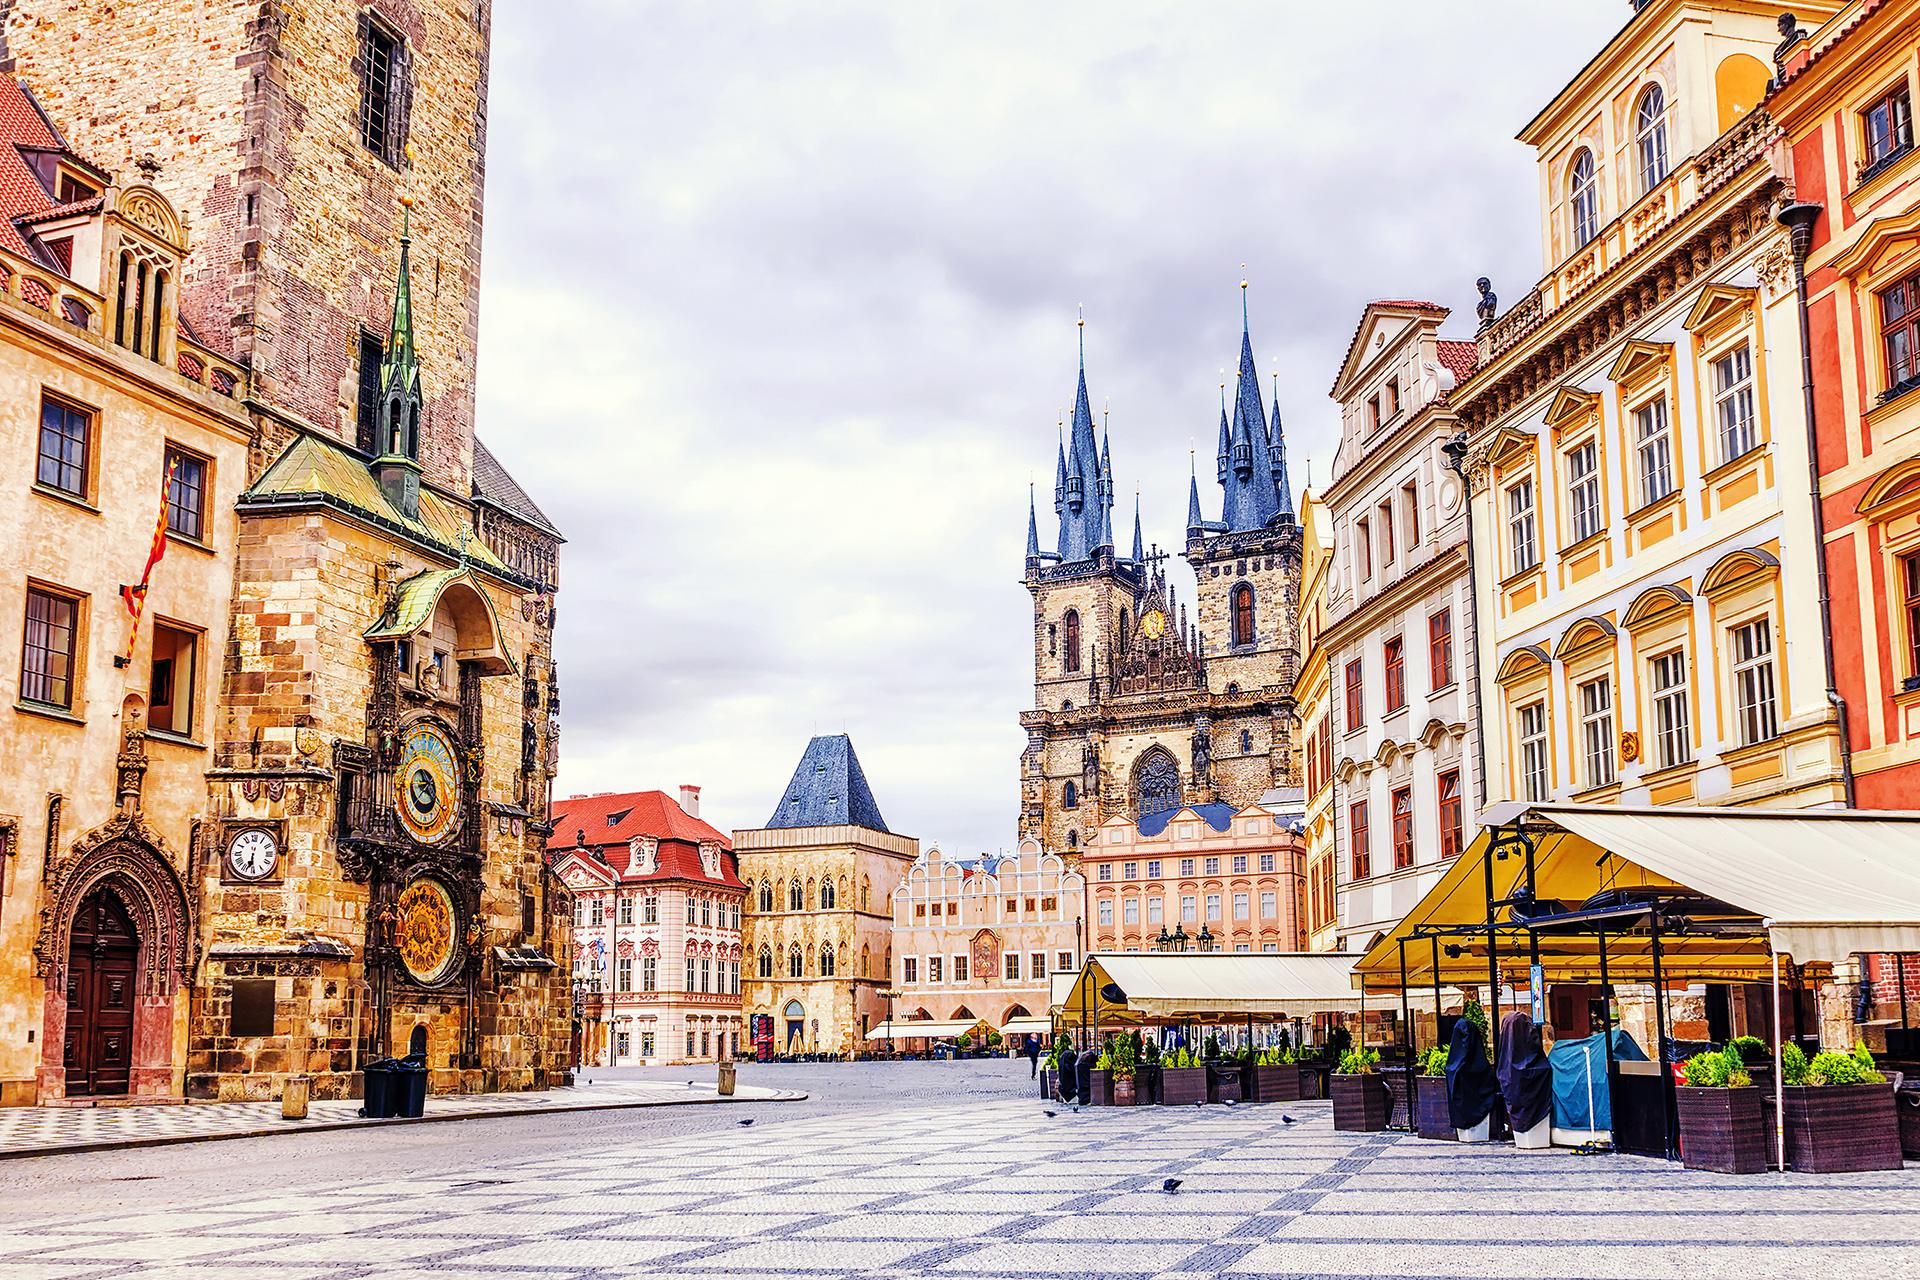 """Se la conoce por la """"ciudad de las 100 torres"""". Es una ciudad rica en historia y coloridos edificios. Una de sus principales atracciones se encuentra en la ciudad vieja y es el Reloj Astronómico de Praga que cada hora los 12 apóstoles se asoman a través, tan solo 27 segundos"""